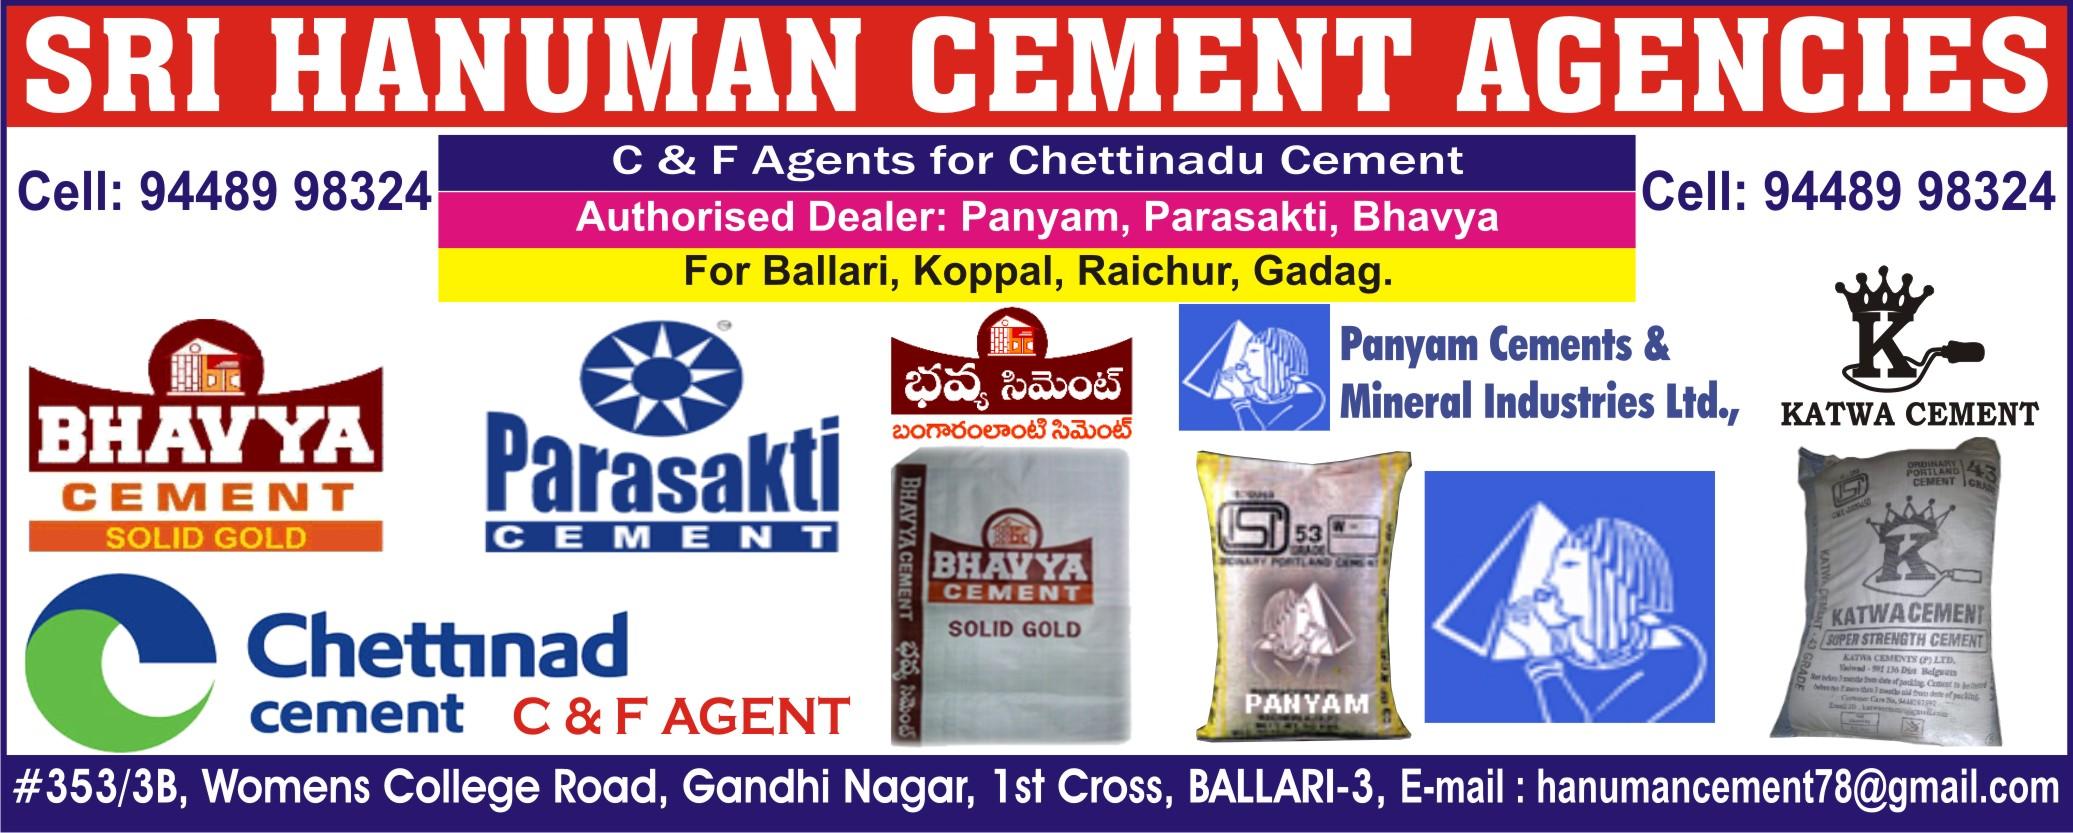 Sri Hanuman Cement Agencies